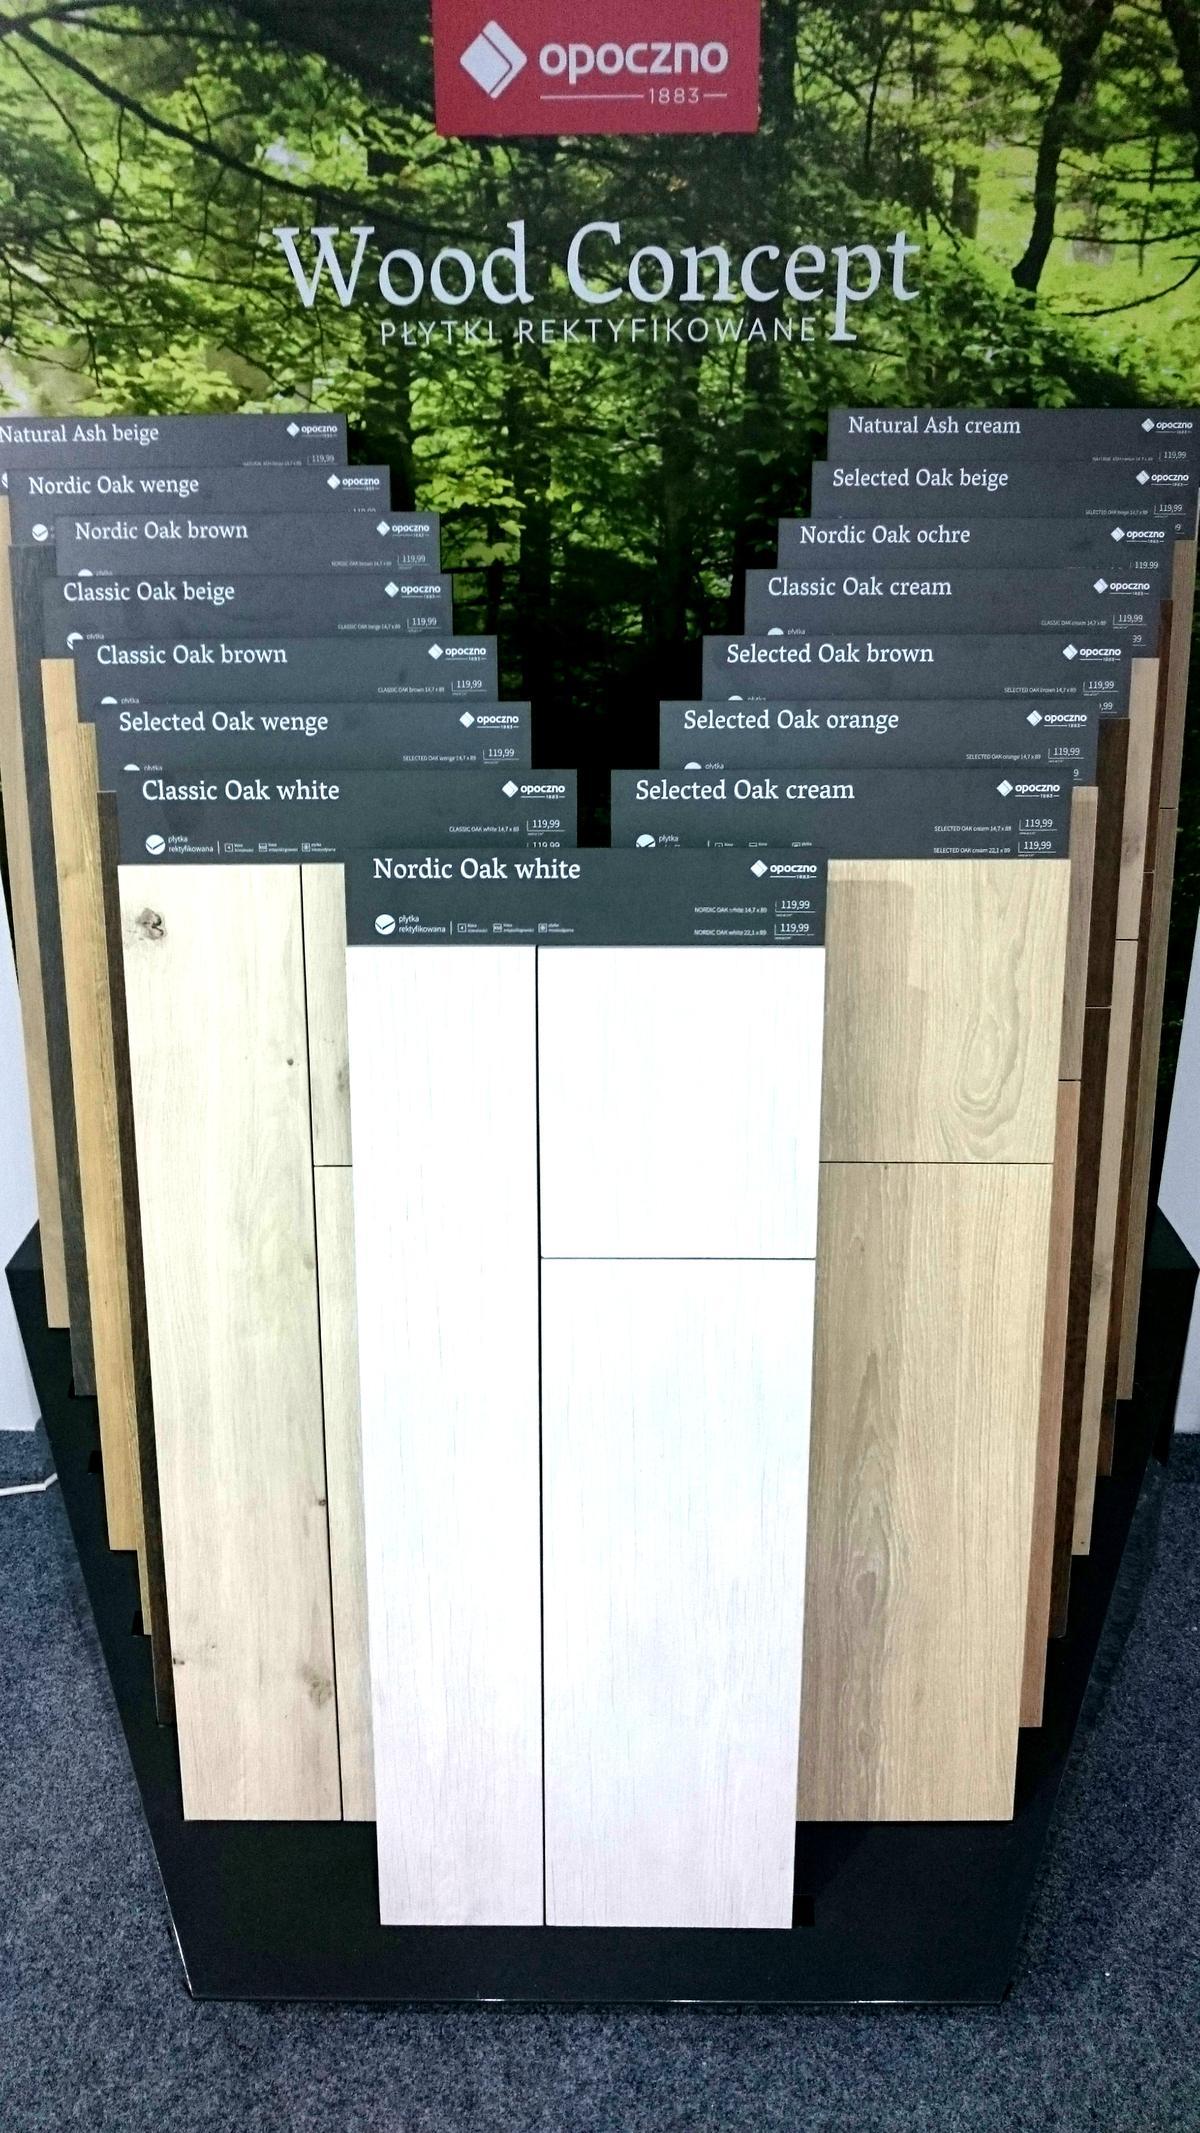 Wood concept płytki rektyfikowane Opoczno - zdjęcie od BLU salon łazienek Rumia